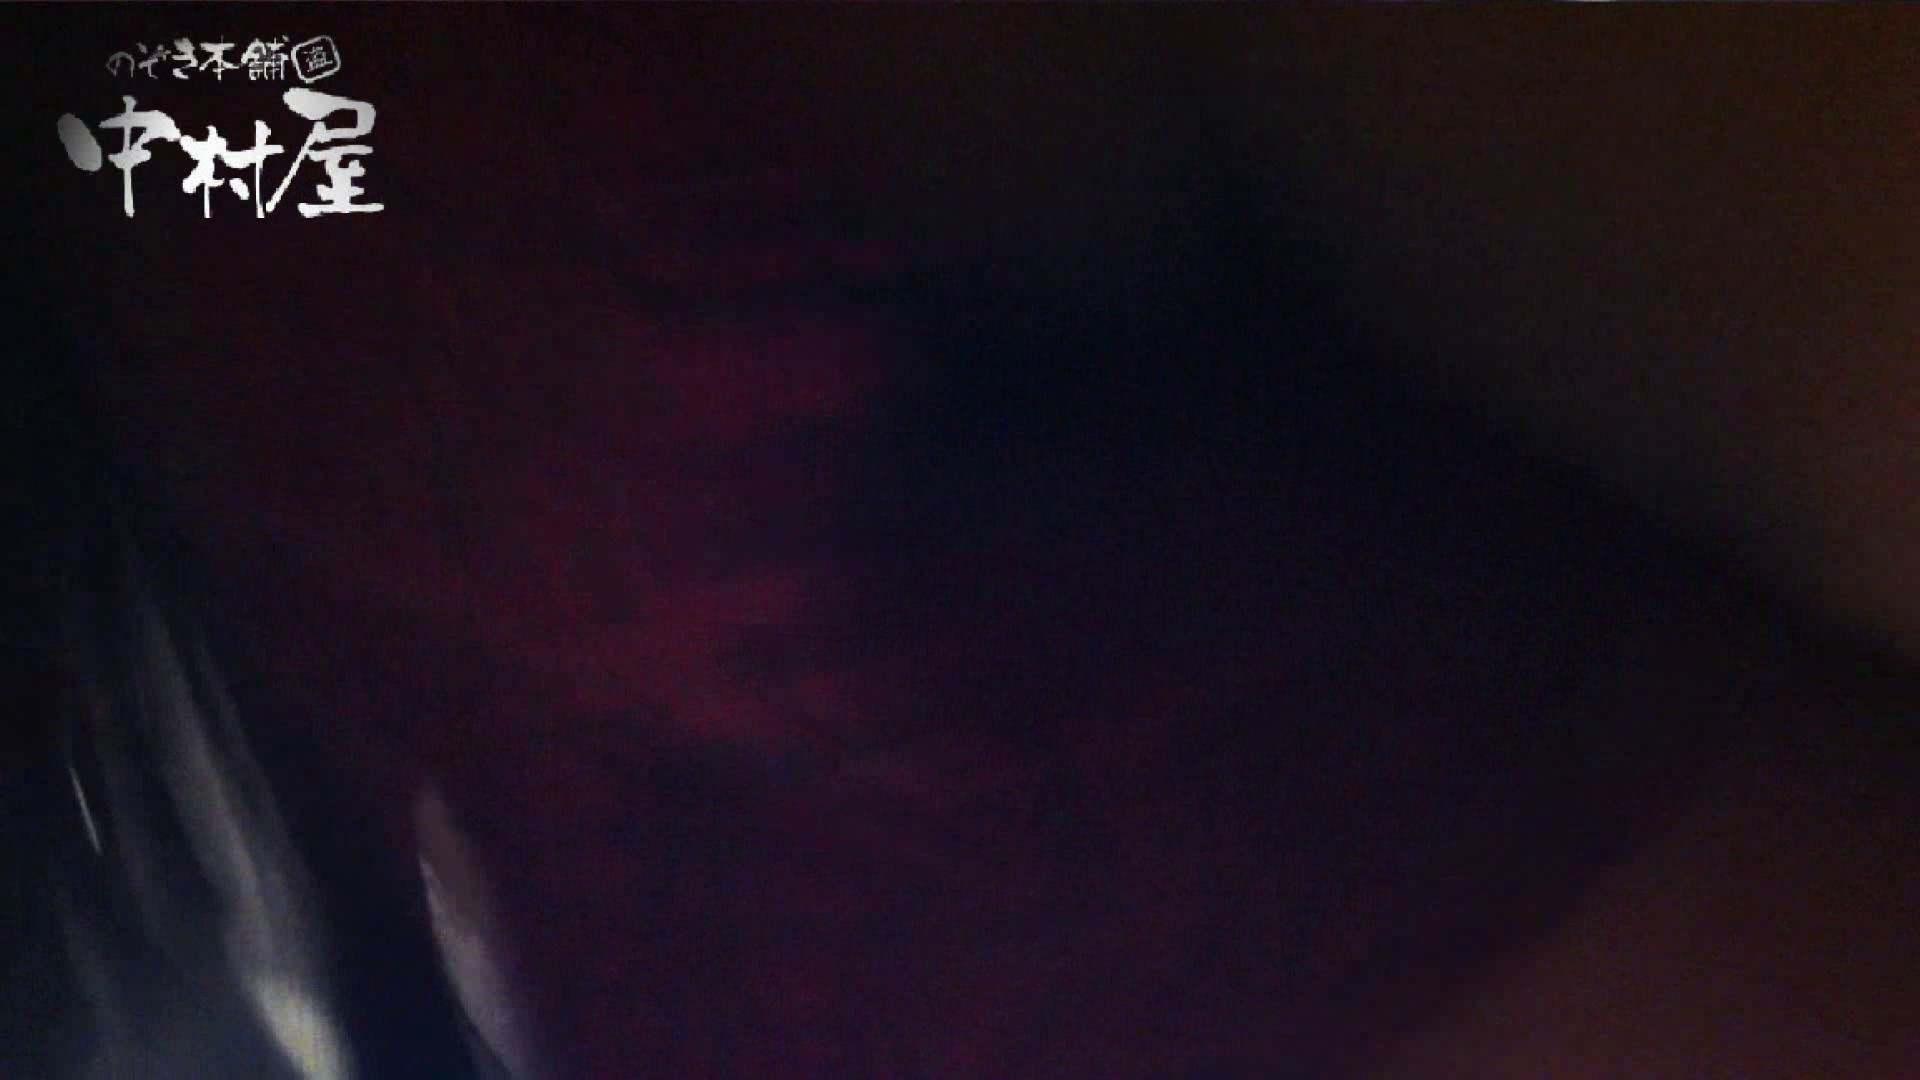 vol.48可愛いカリスマ店員胸チラ&パンチラ アニメ声の店員さん パンチラ SEX無修正画像 96連発 78